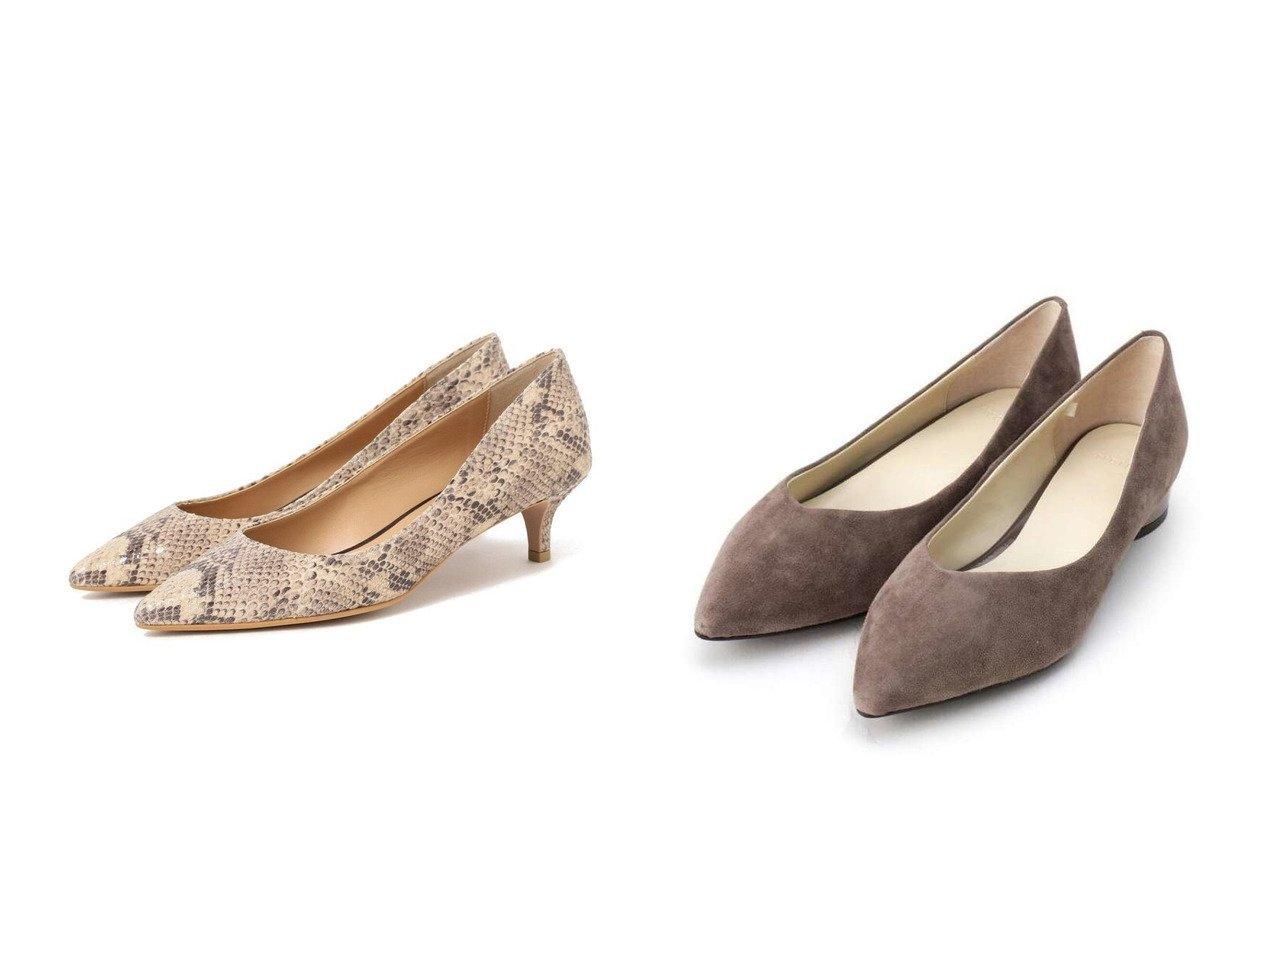 【INDIVI/インディヴィ】の【抗菌防臭/消臭】ポインテッドトゥフラットパンプス(ヒール2.5cm)&【Demi-Luxe BEAMS/デミルクス ビームス】のDemi- パイソン ポインテッド パンプス シューズ・靴のおすすめ!人気、トレンド・レディースファッションの通販  おすすめで人気の流行・トレンド、ファッションの通販商品 メンズファッション・キッズファッション・インテリア・家具・レディースファッション・服の通販 founy(ファニー) https://founy.com/ ファッション Fashion レディースファッション WOMEN シューズ パイソン ポインテッド クッション シェイプ スーツ フラット 抗菌  ID:crp329100000009846